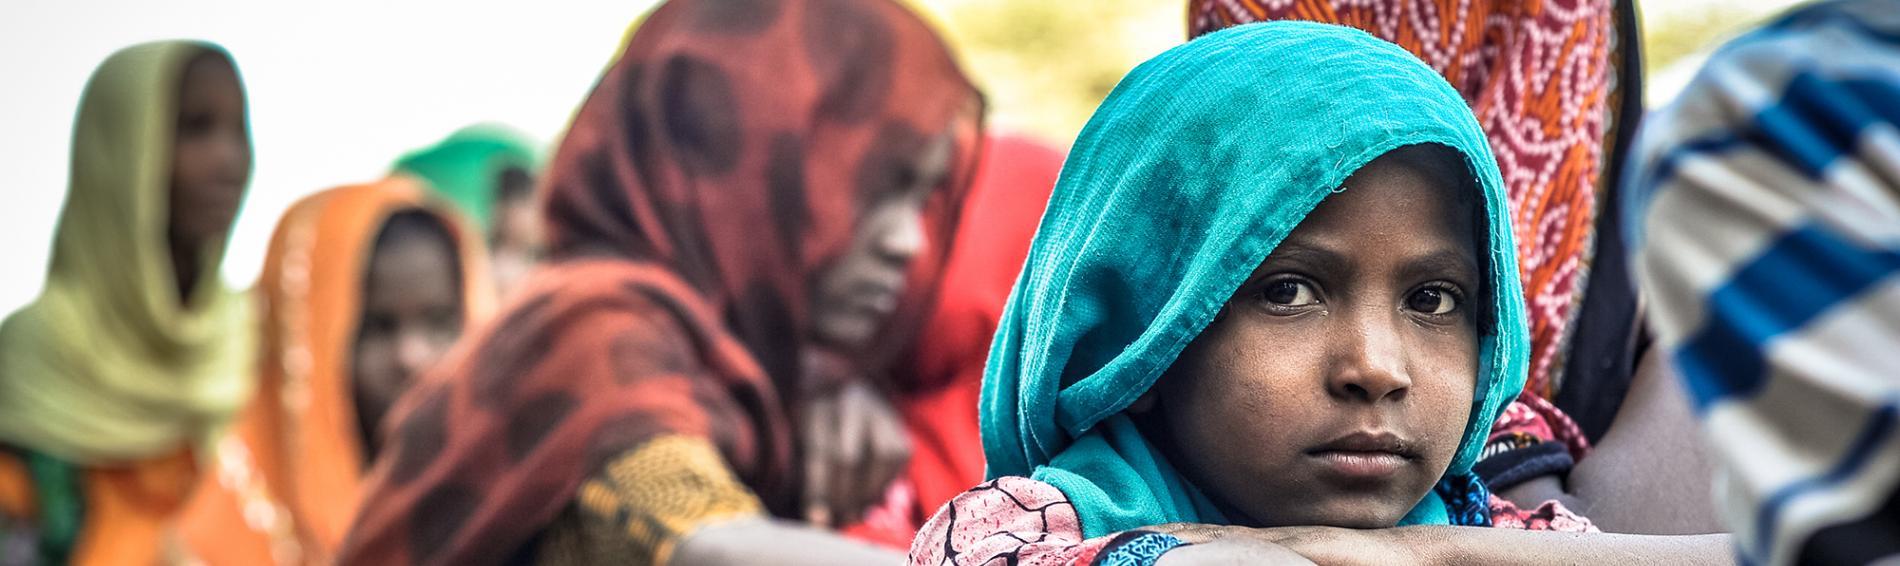 Viele Menschen im Nordosten Äthiopiens leben Halbnomaden, von einer bescheidenen Landwirtschaft. Foto: Quentin Top